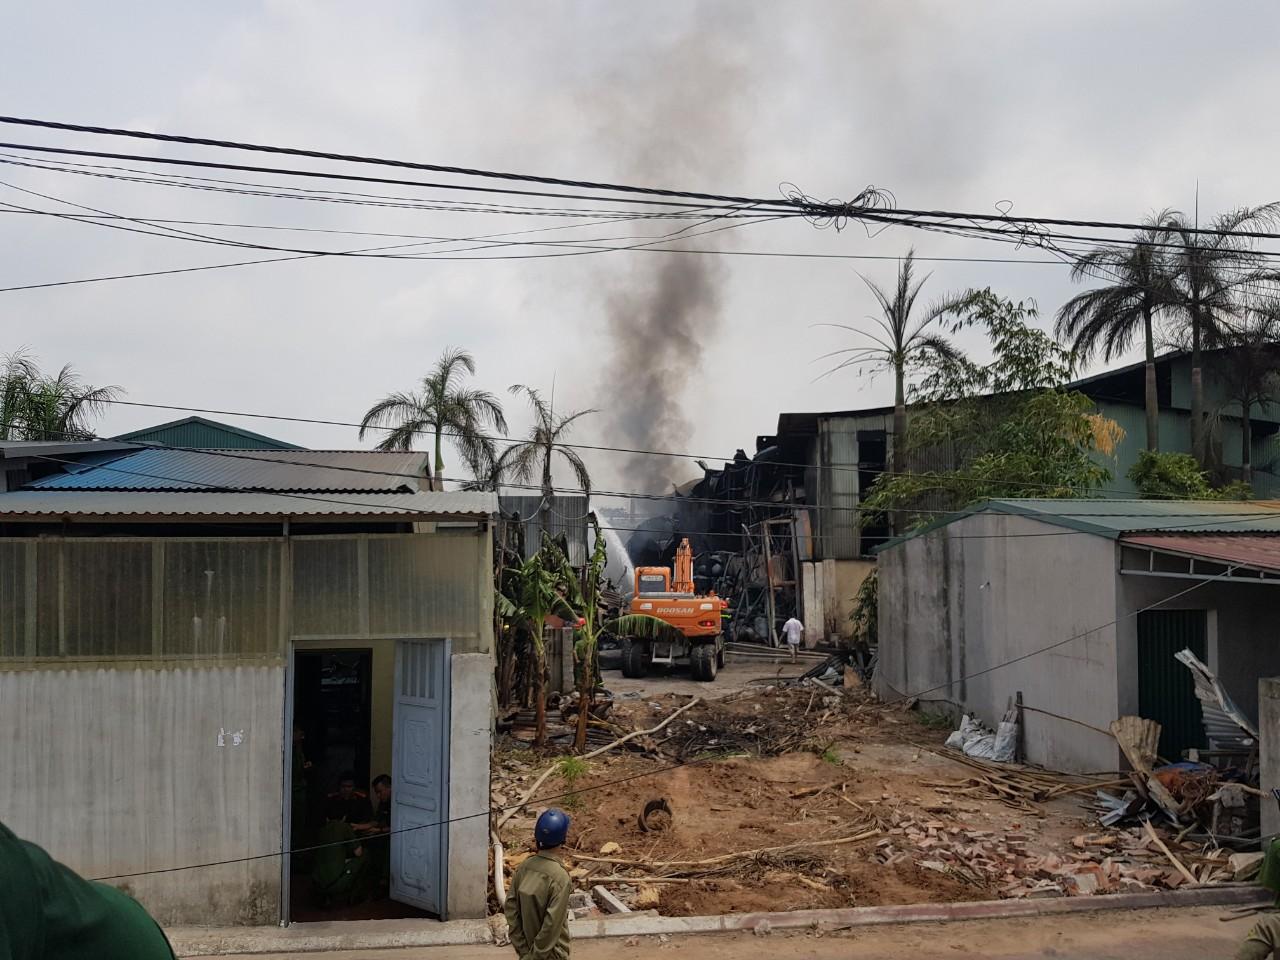 Đang cháy xưởng hóa chất làm sơn ở Long Biên - Ảnh 2.